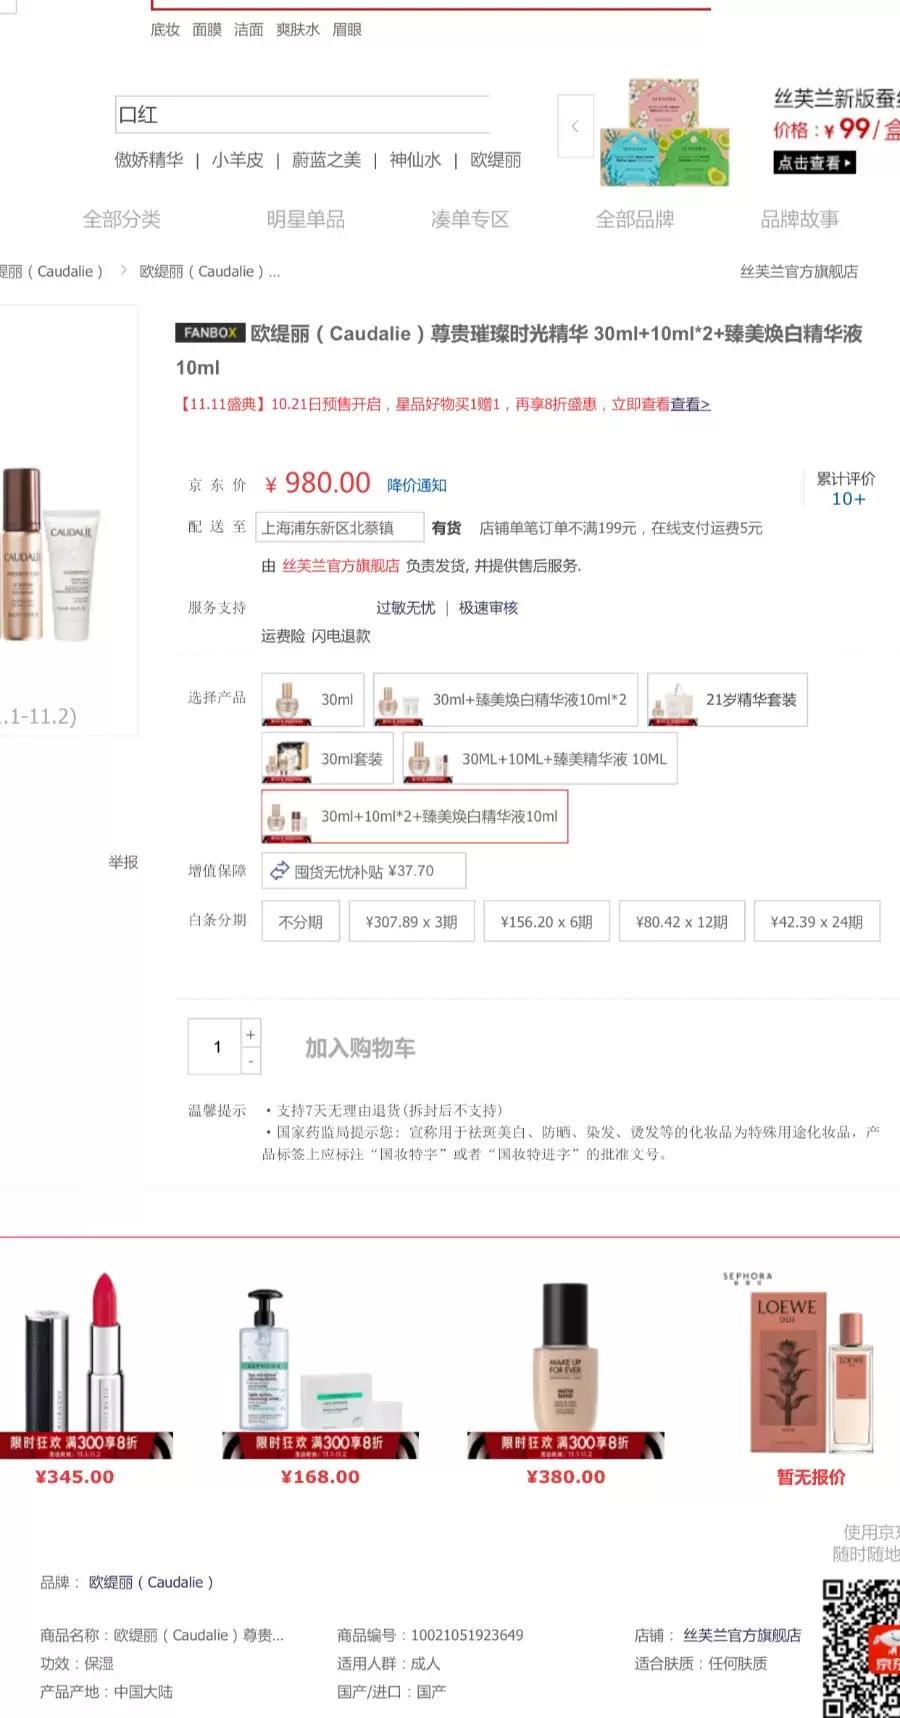 上海曝光虚假违法广告典型案例:丝芙兰、欧缇丽被罚款40万